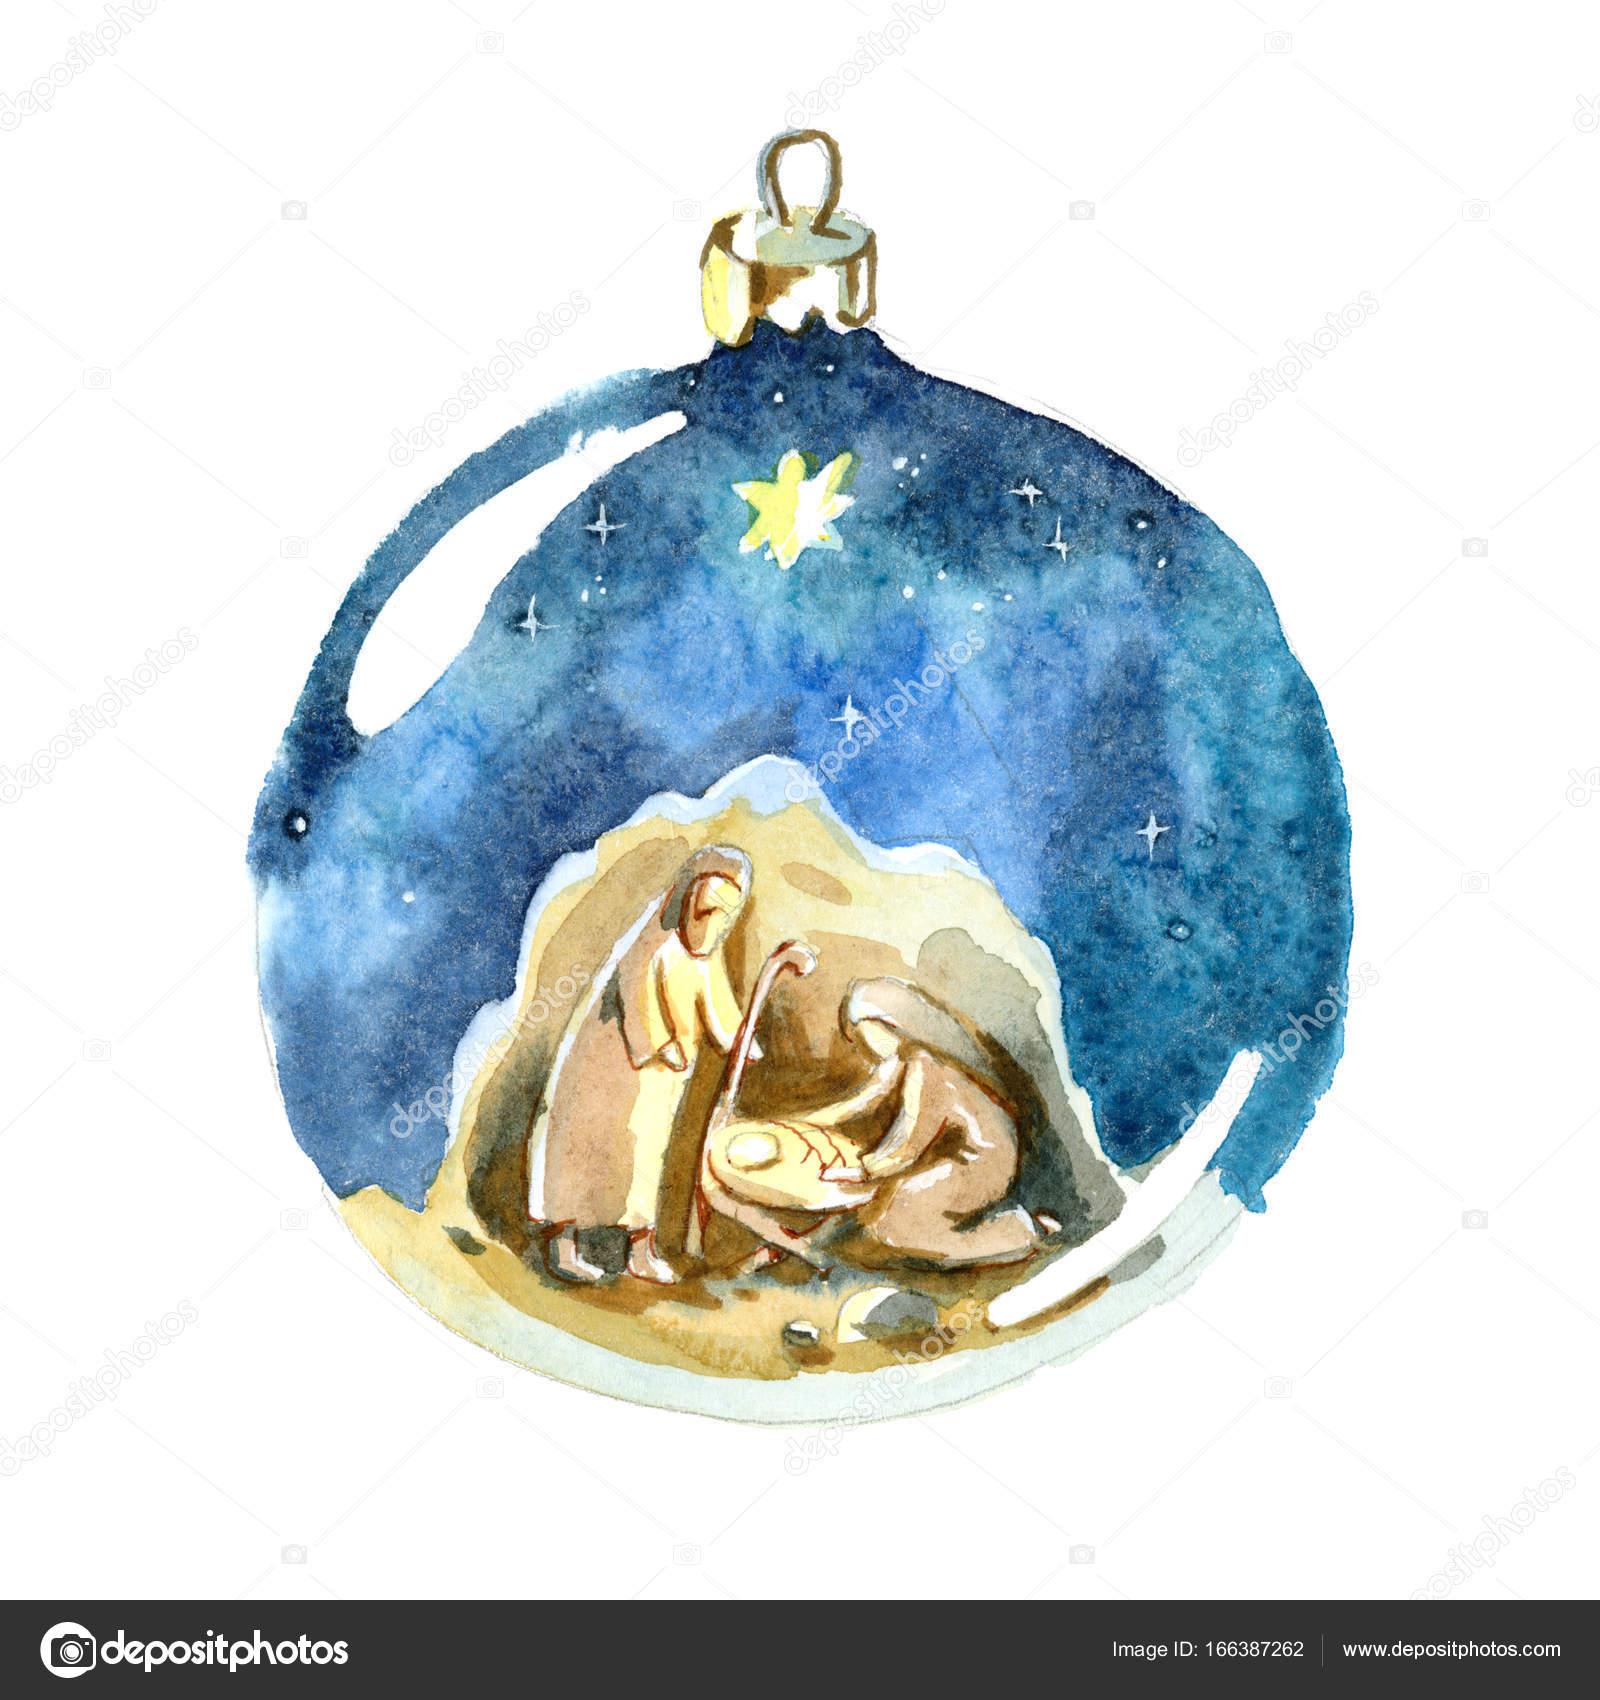 Aquarell Weihnachtskugel. Heilige Familie zeichnen im Kinder-Stil ...